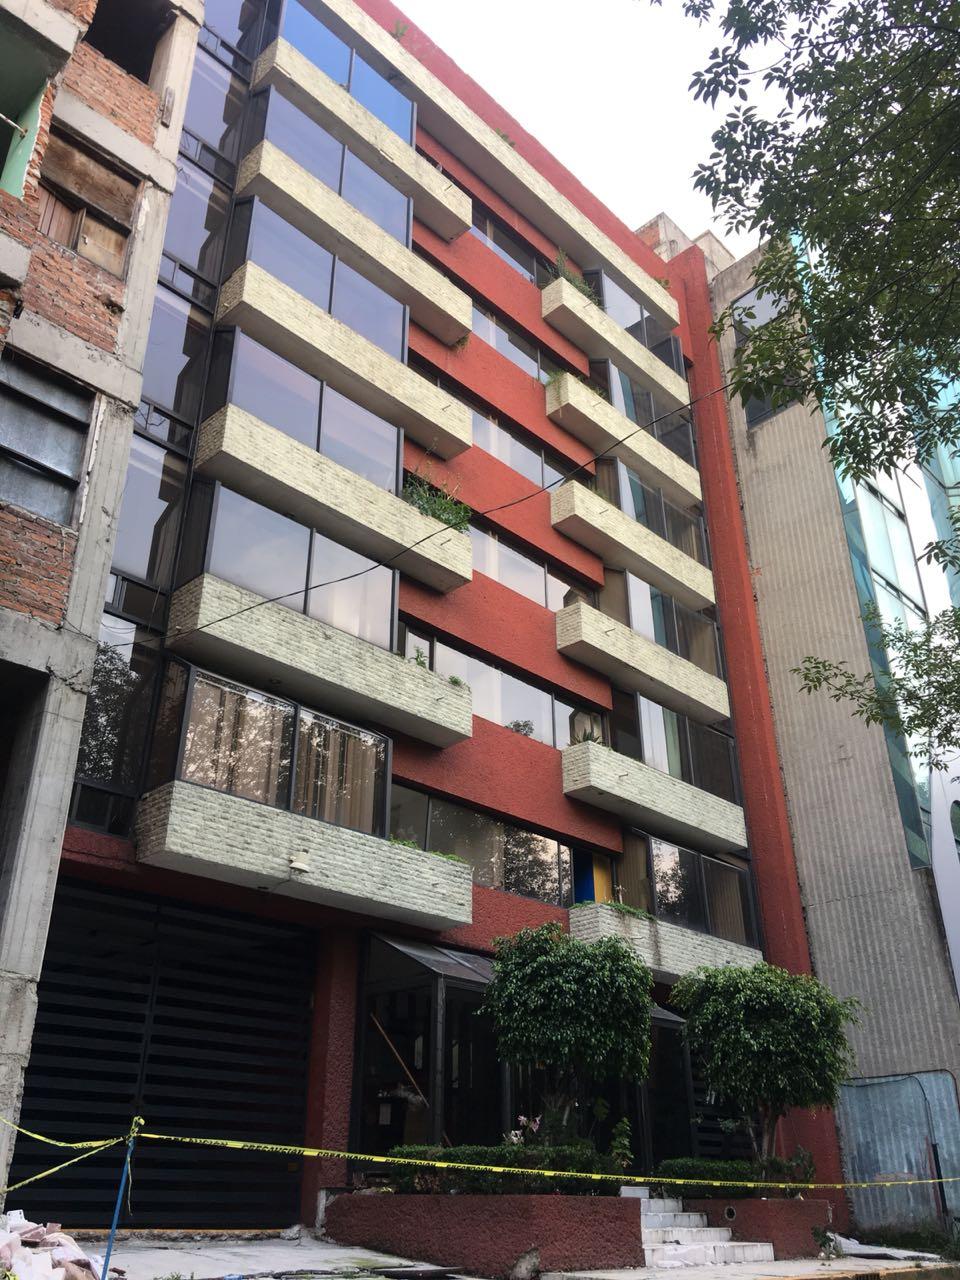 SOBSE PASEO DE LOS GRANADOS 76 INICIO.jpg